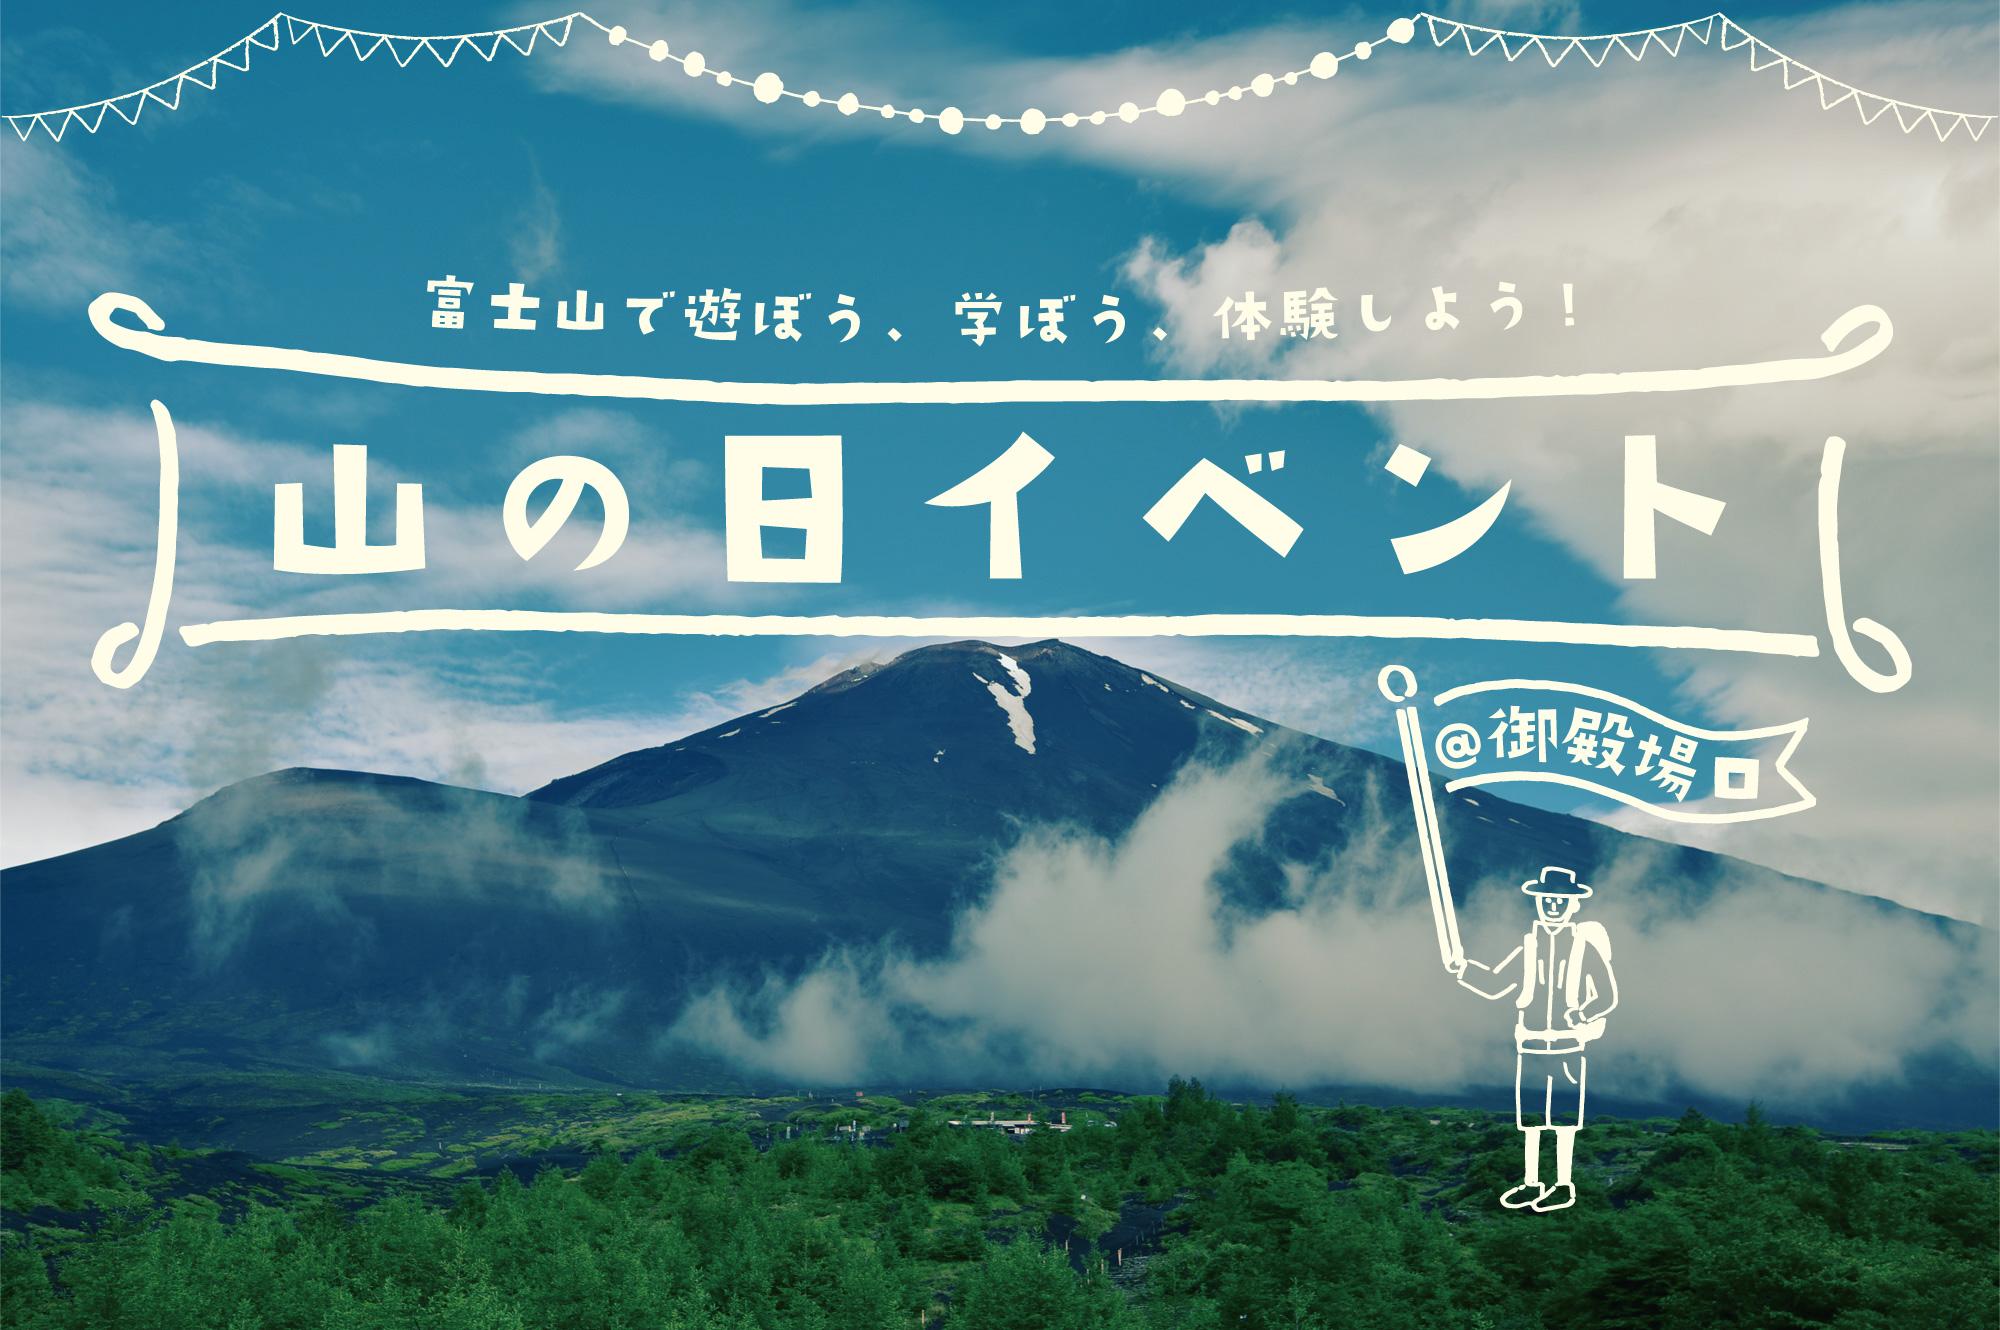 山の日イベント@御殿場口 富士山で遊ぼう、学ぼう、体験しよう!